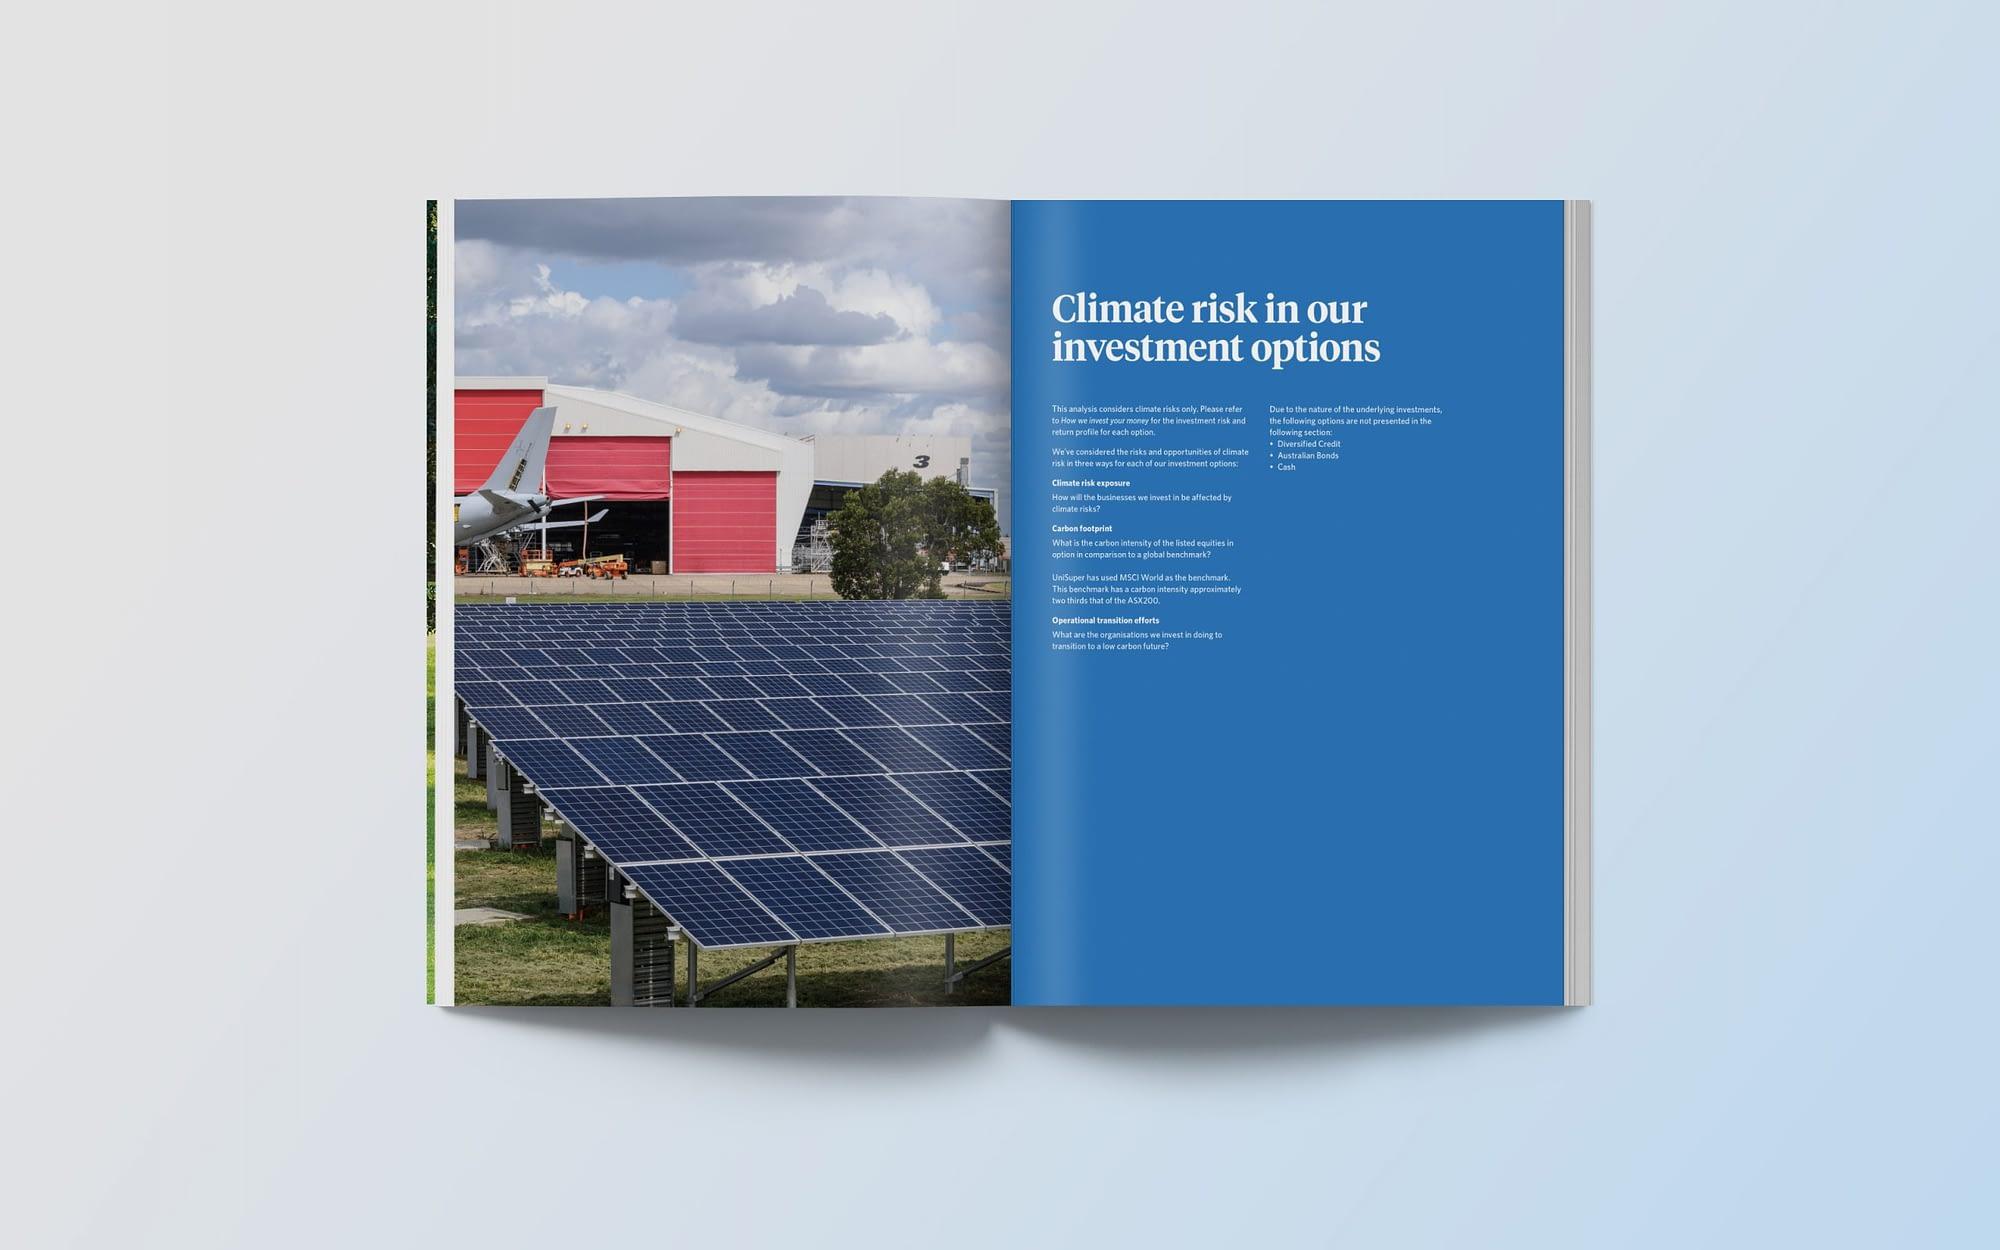 Unisuper Climate Risk report spread